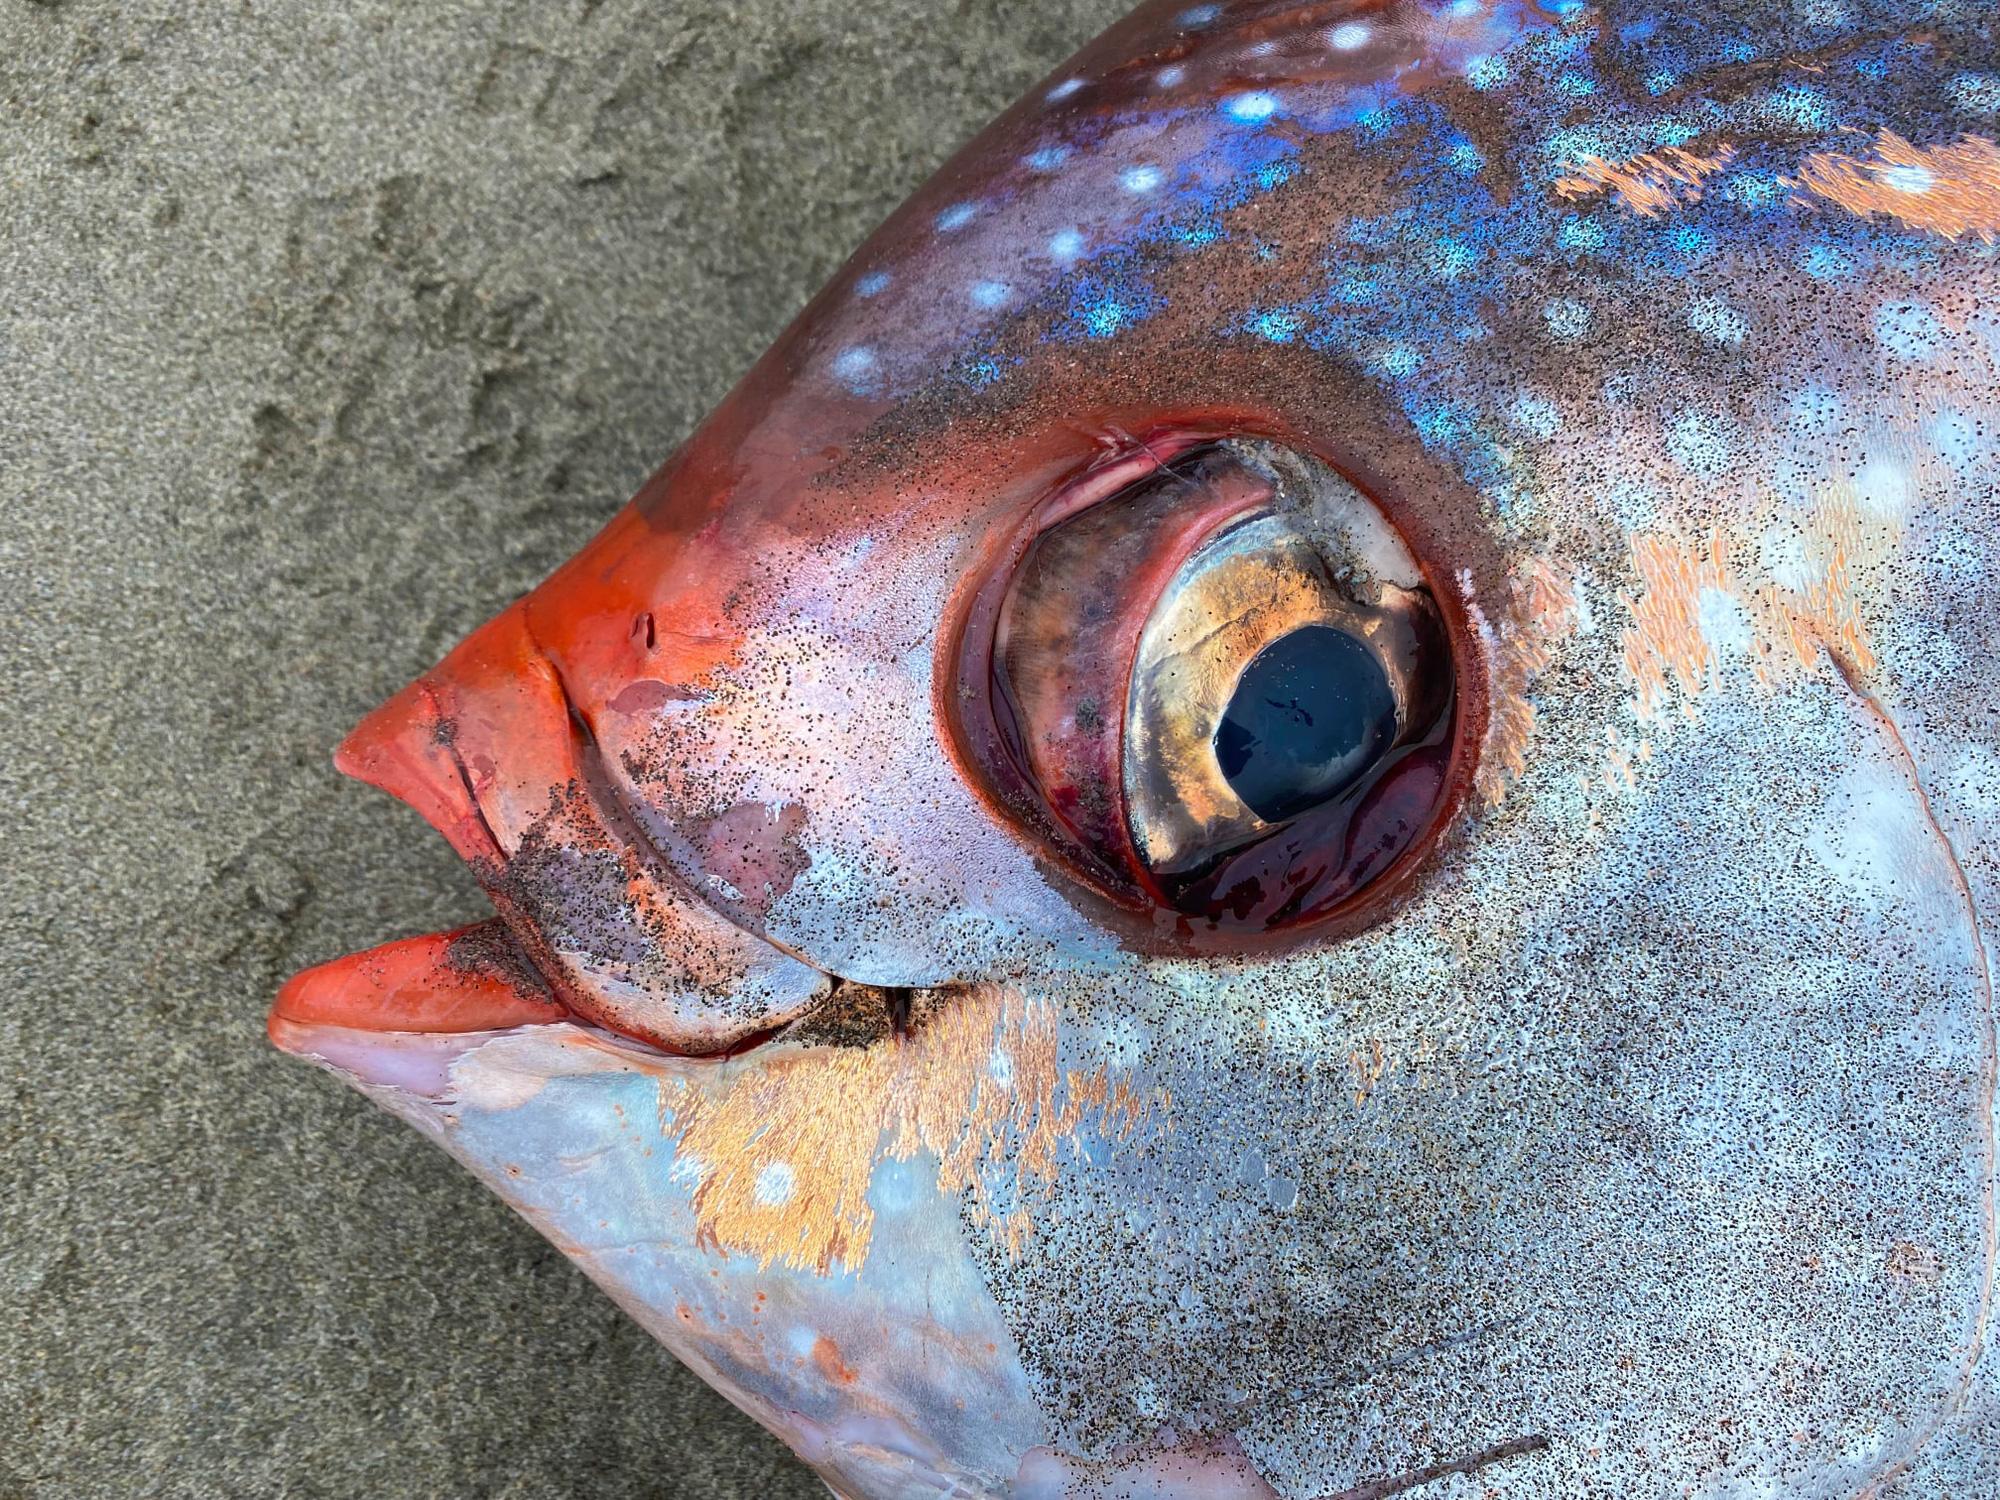 Cận cảnh chú cá mặt trăng khổng lồ dạt vào bờ biển tại Mỹ - Ảnh 5.